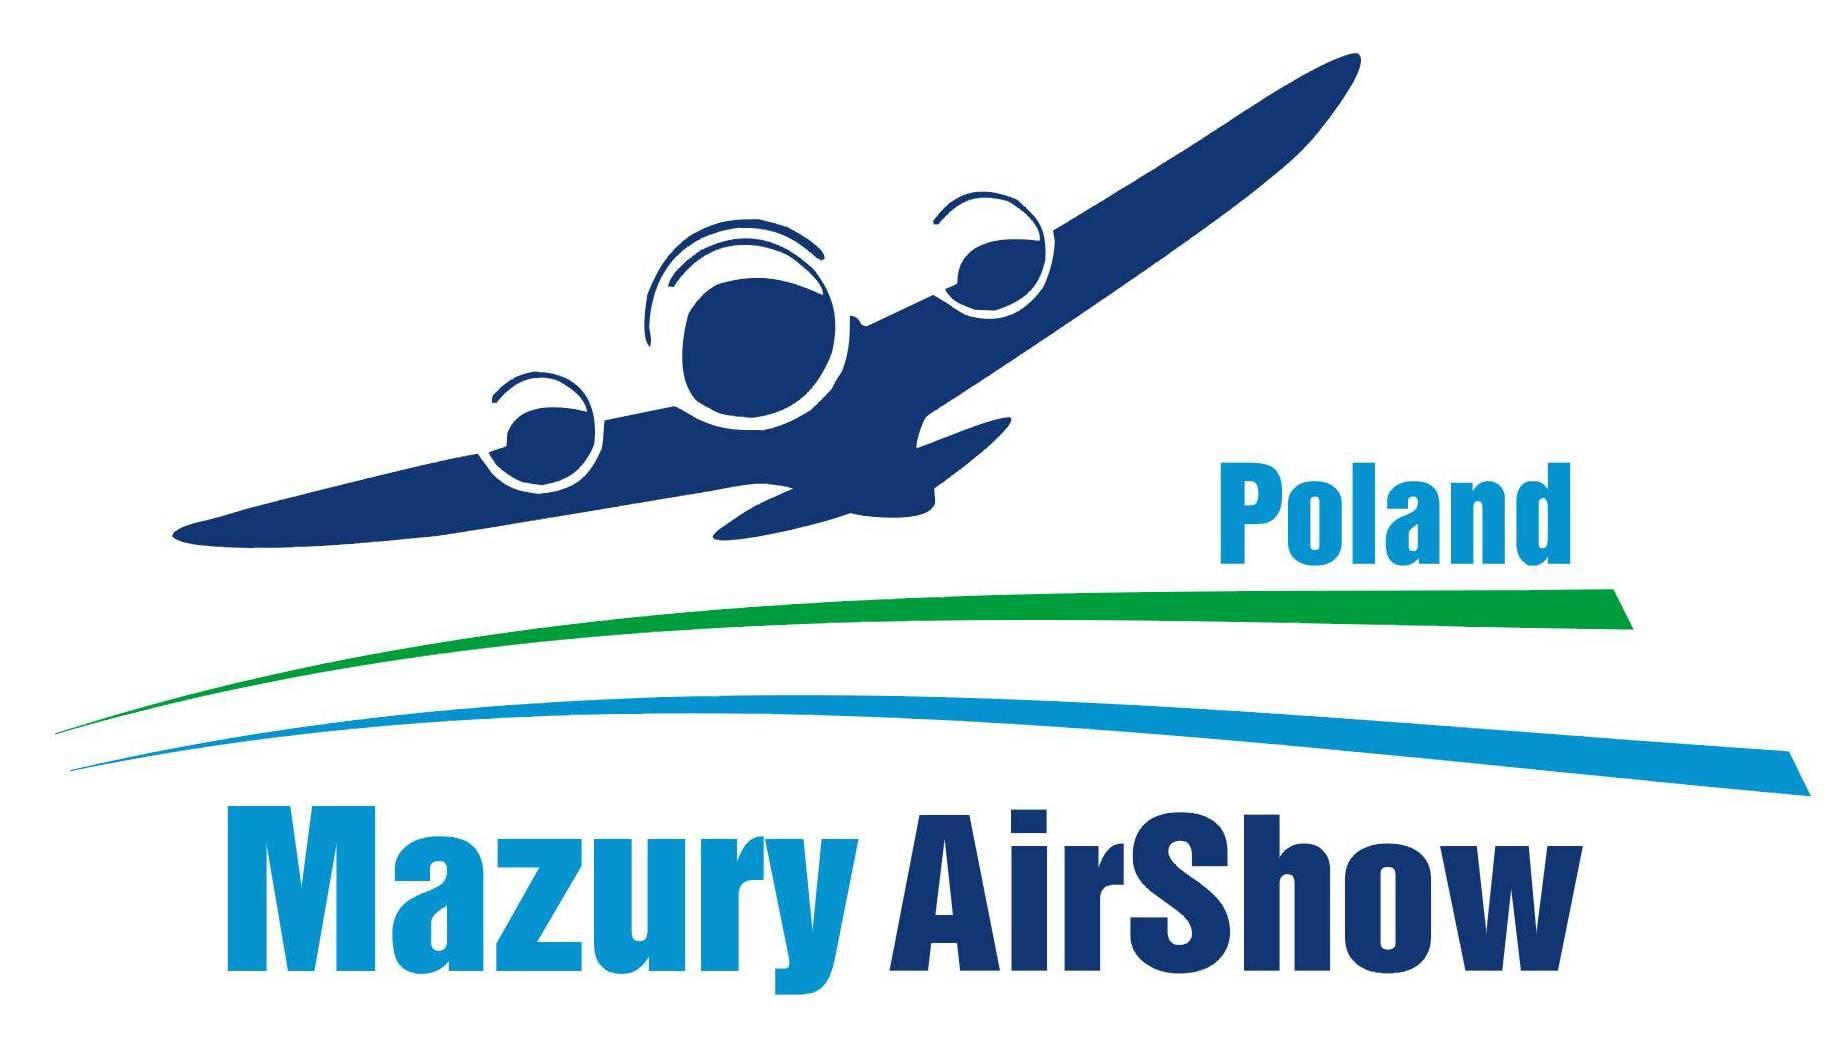 Mazury_Airshow_logo